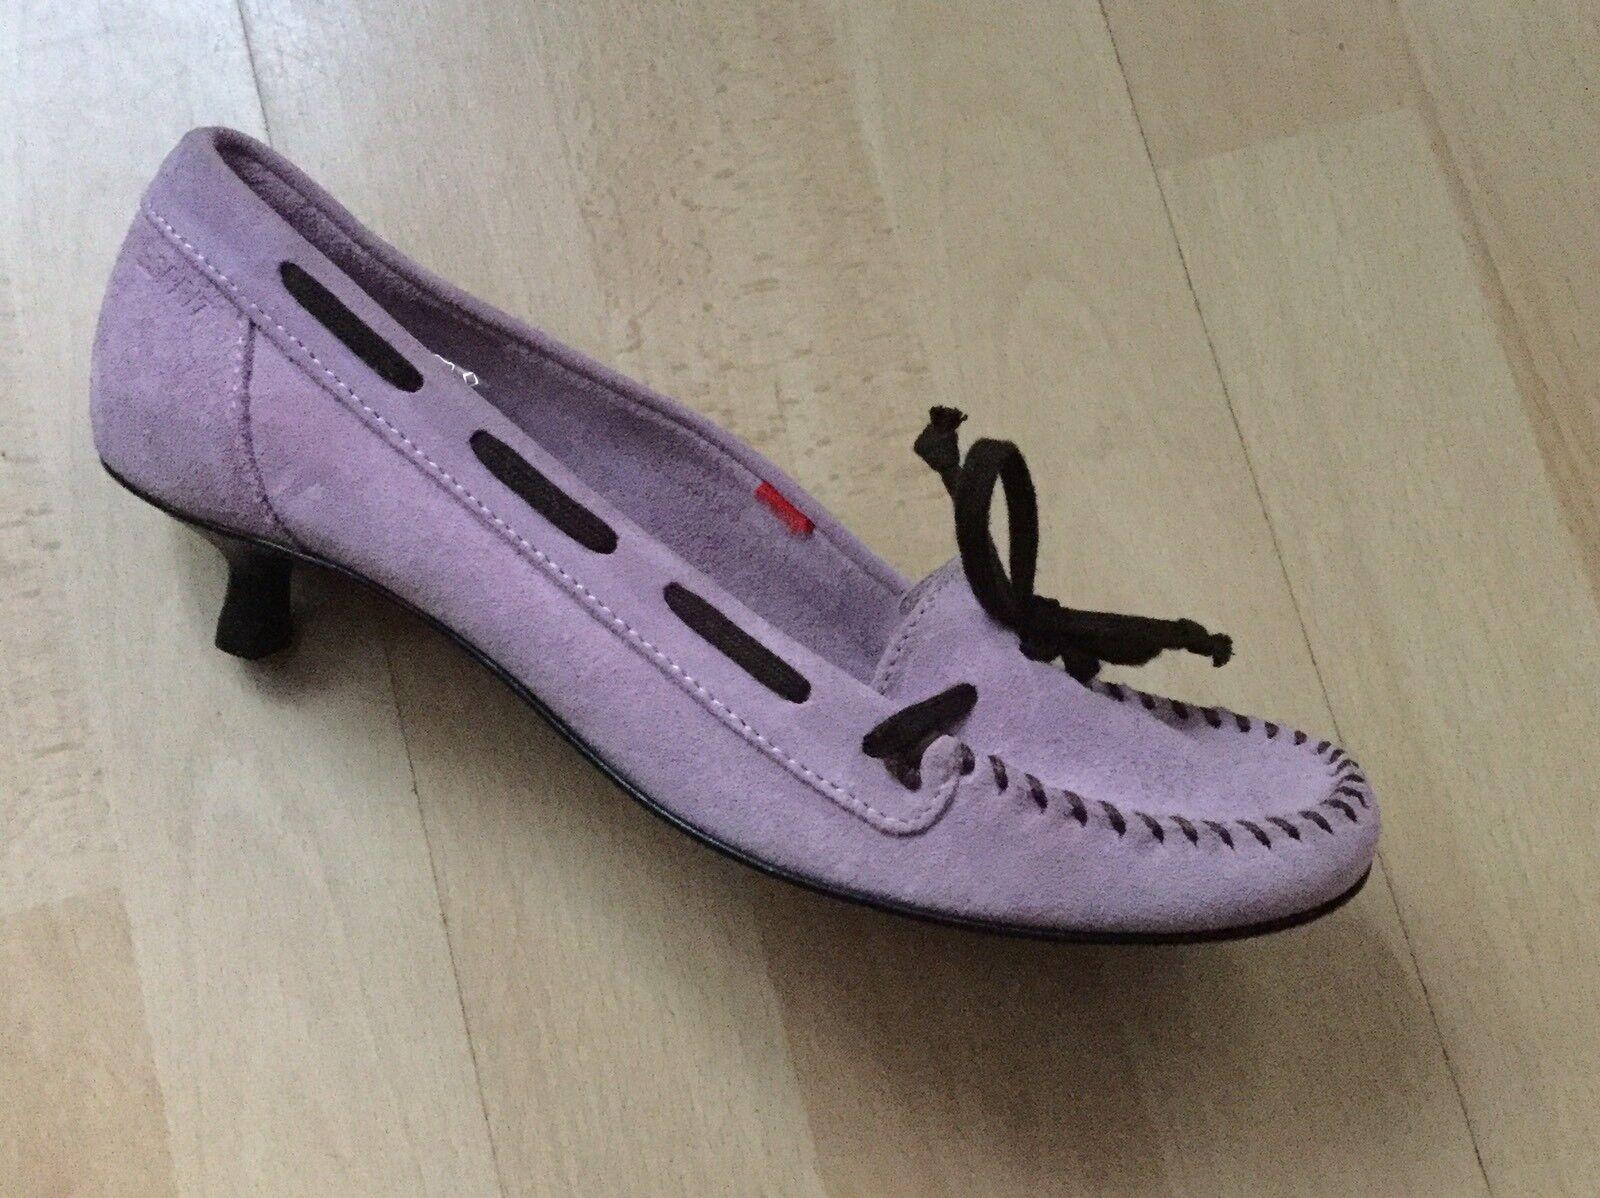 Zapatos del diseñador Talla UK 5 5 5 euro 38 Gamuza púrpura Hecho En Italia Nuevo  tienda en linea